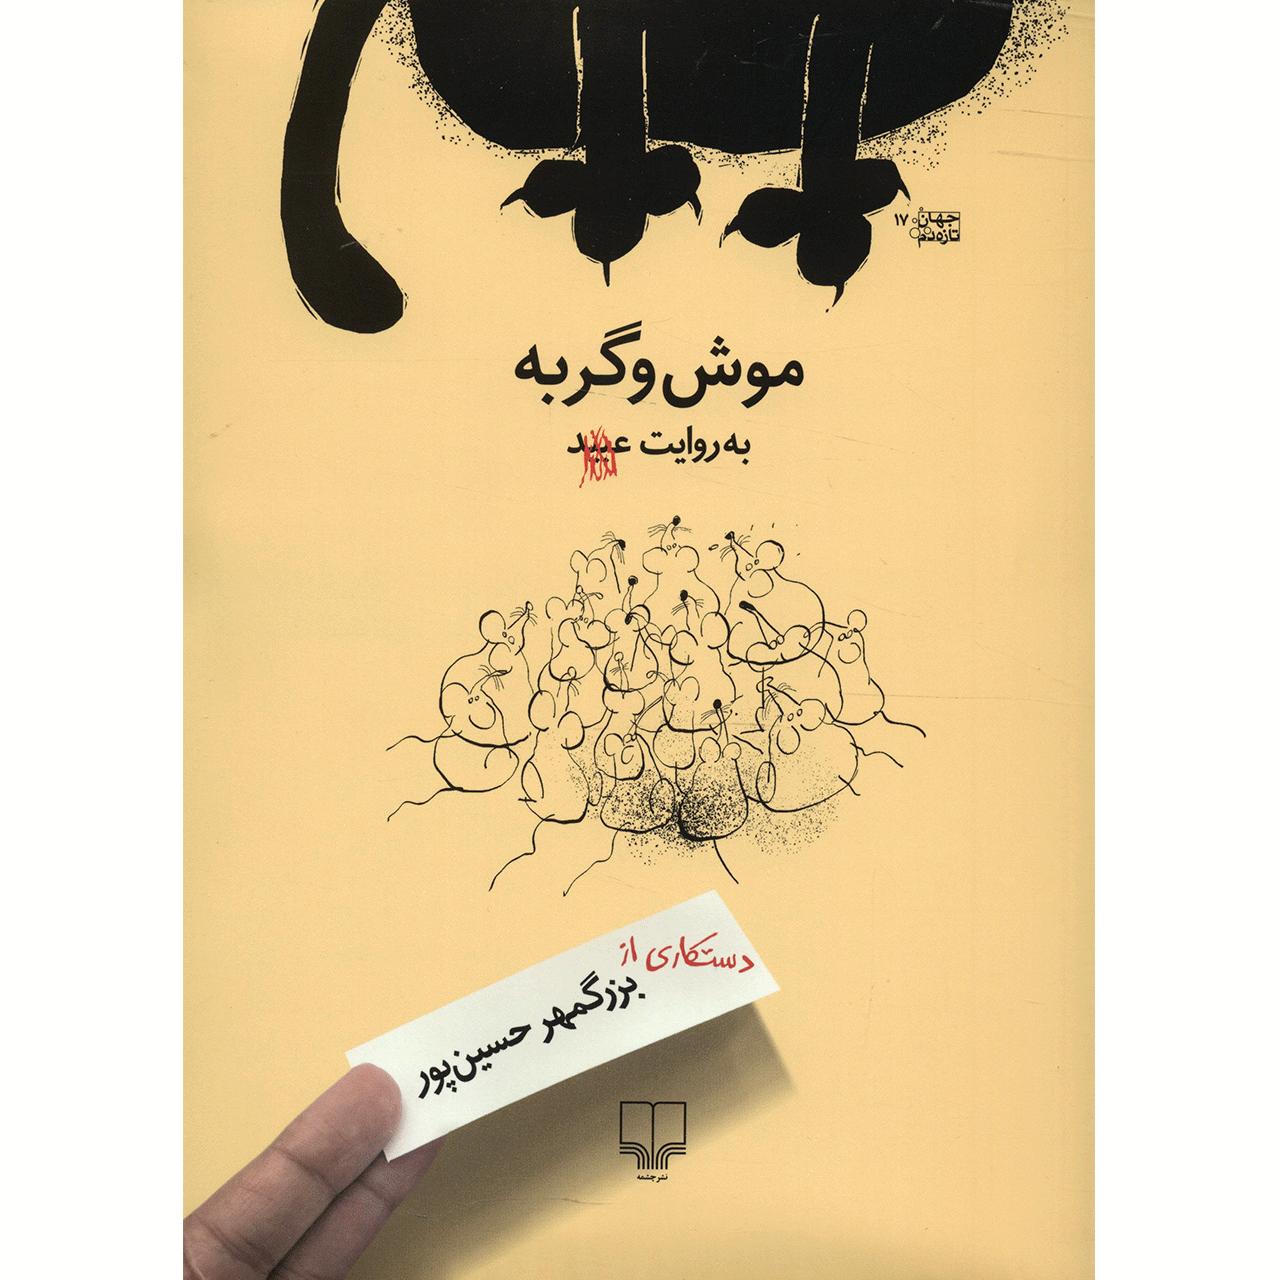 کتاب موش و گربه به روایت عبید اثر بزرگمهر حسین پور